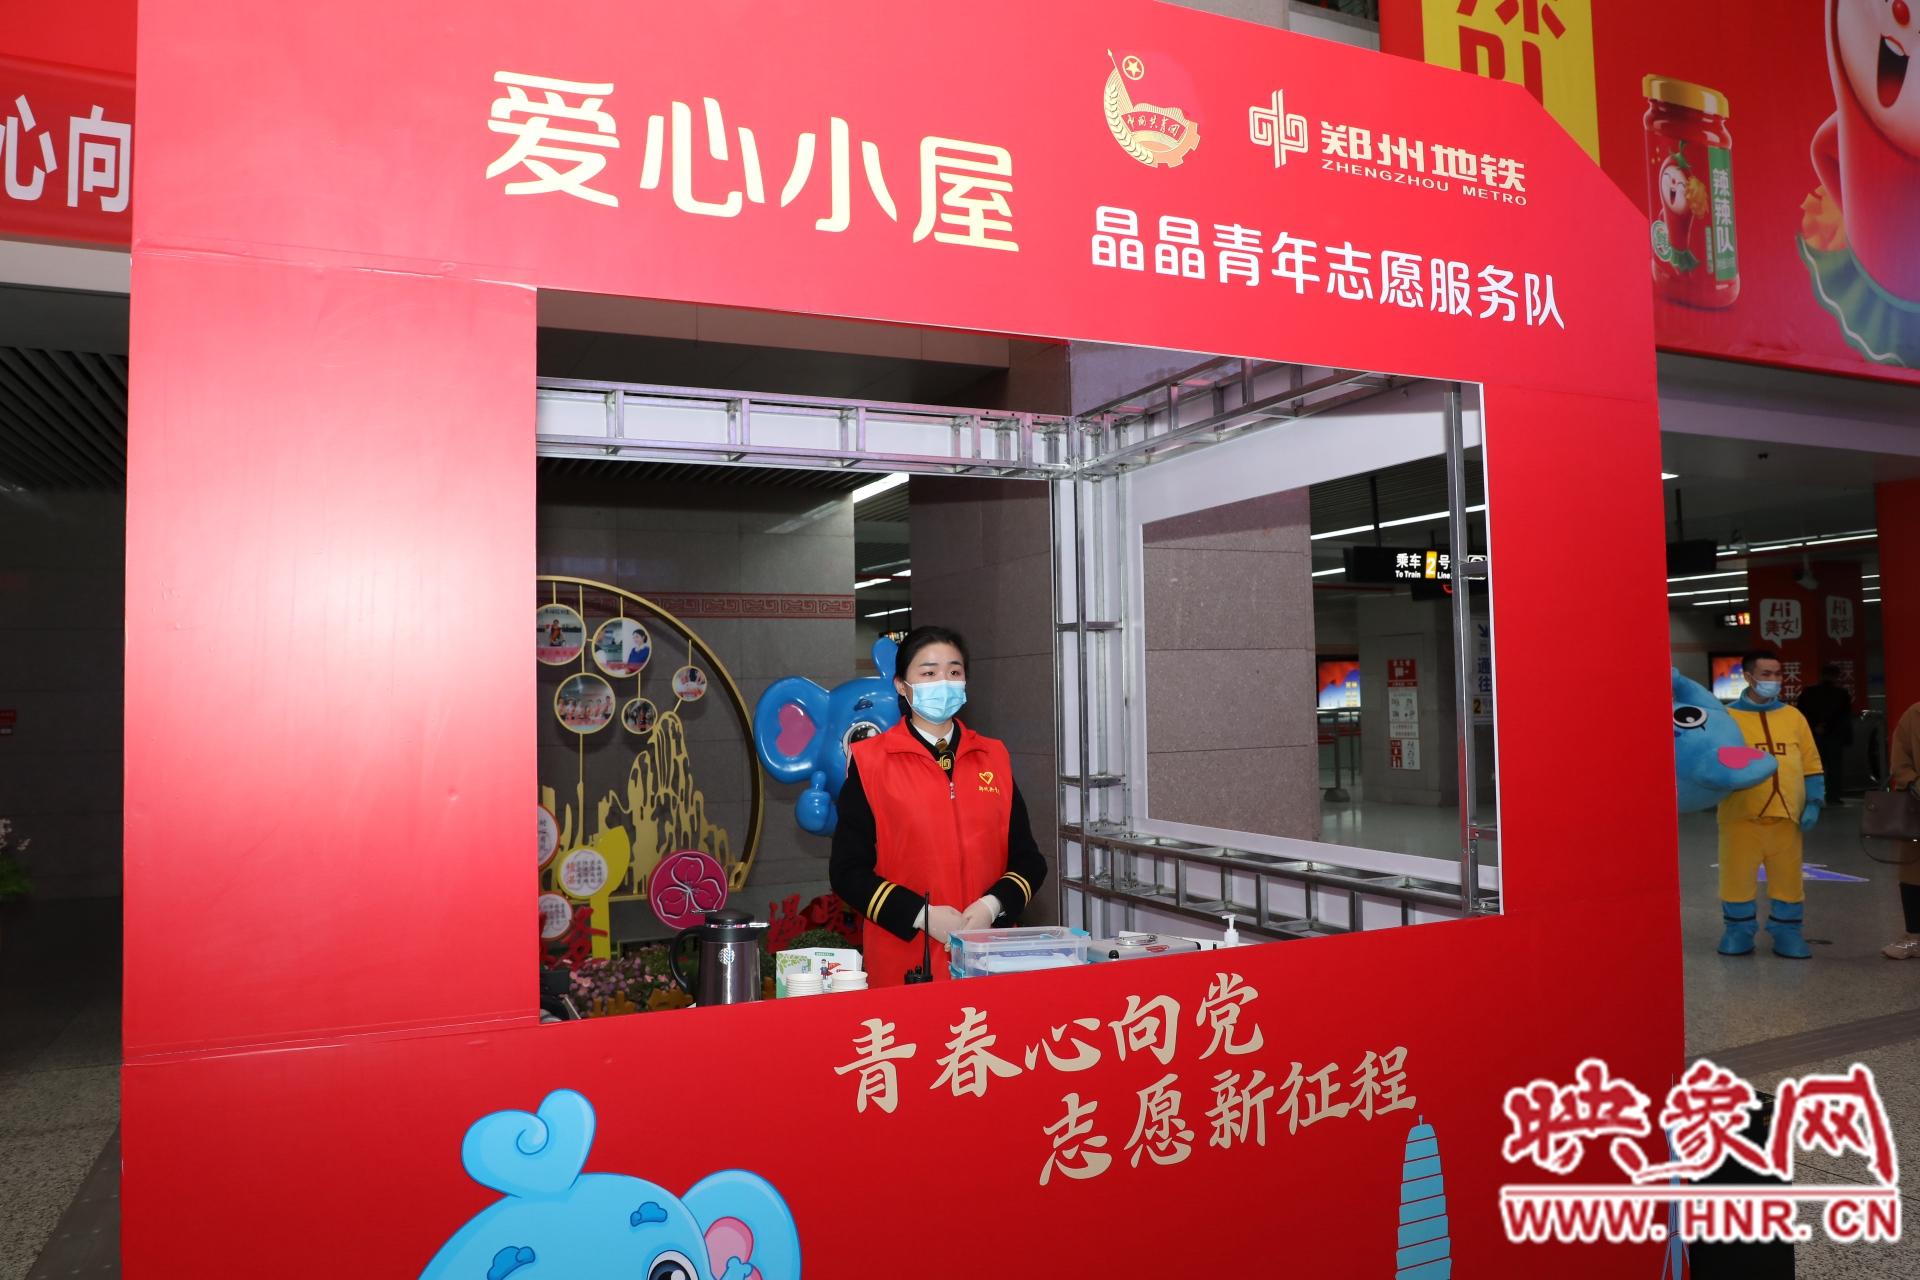 青春心向党志愿新征程 郑州地铁志愿者一直在行动